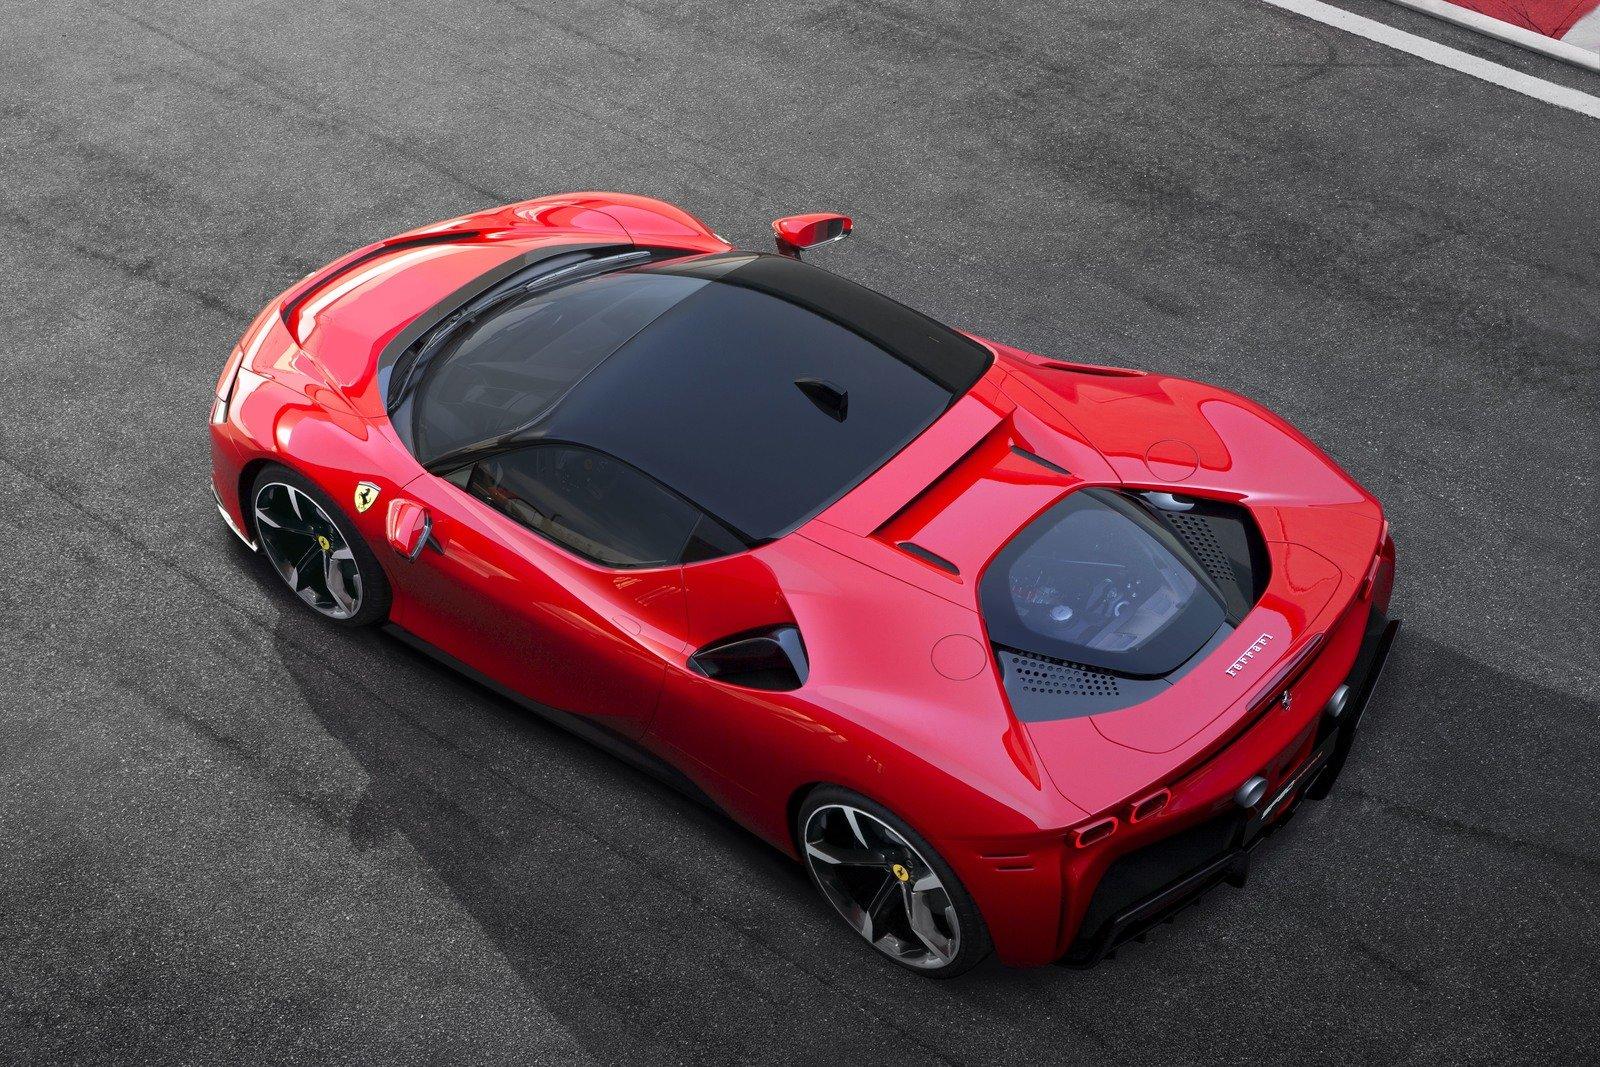 Ferrari SF90 Stradale bị thiếu thứ tưởng như không thể thiếu